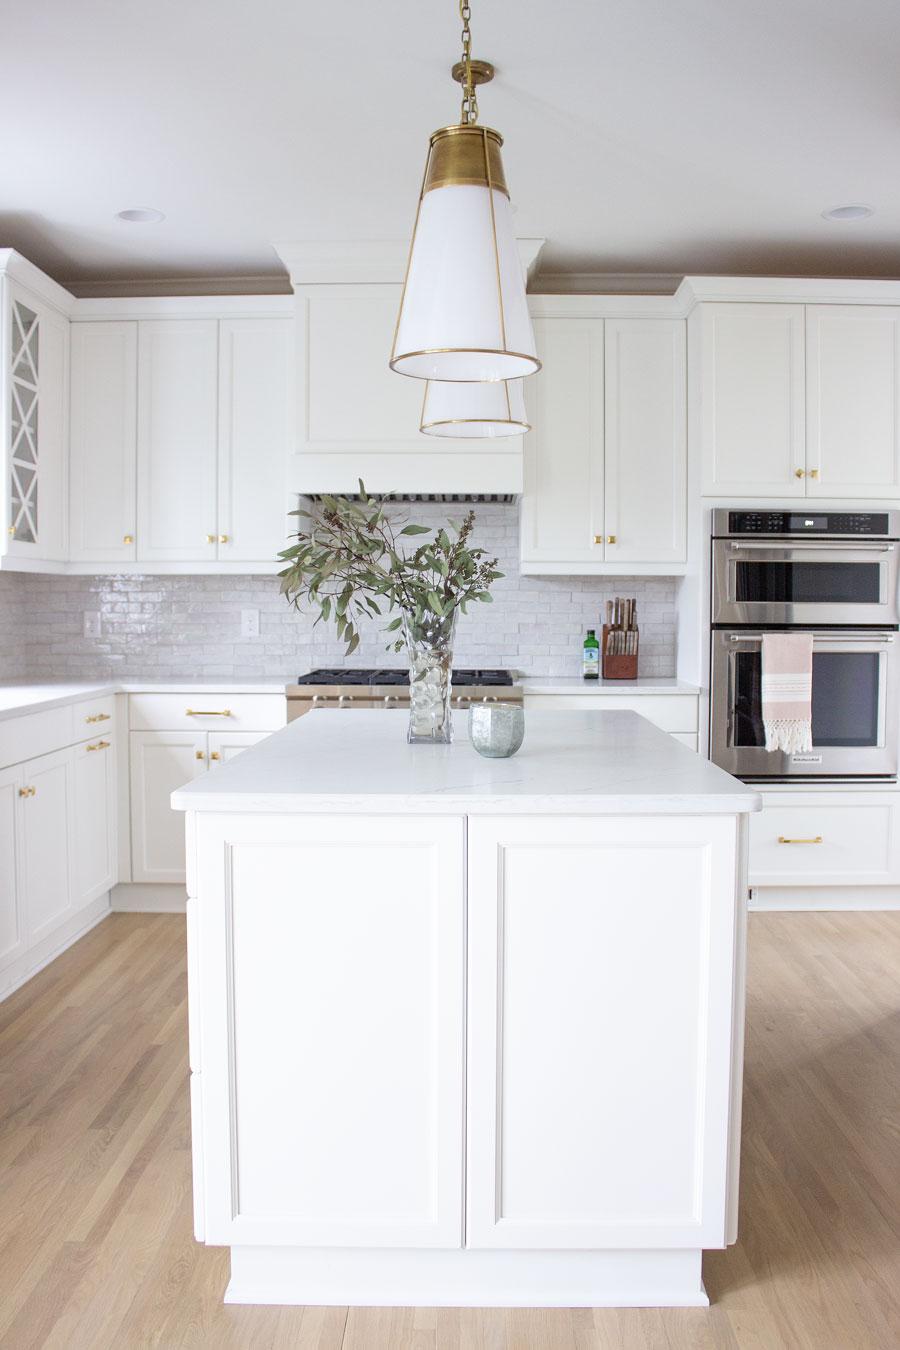 blue-door-living-kitchen-renovation-5.jpg